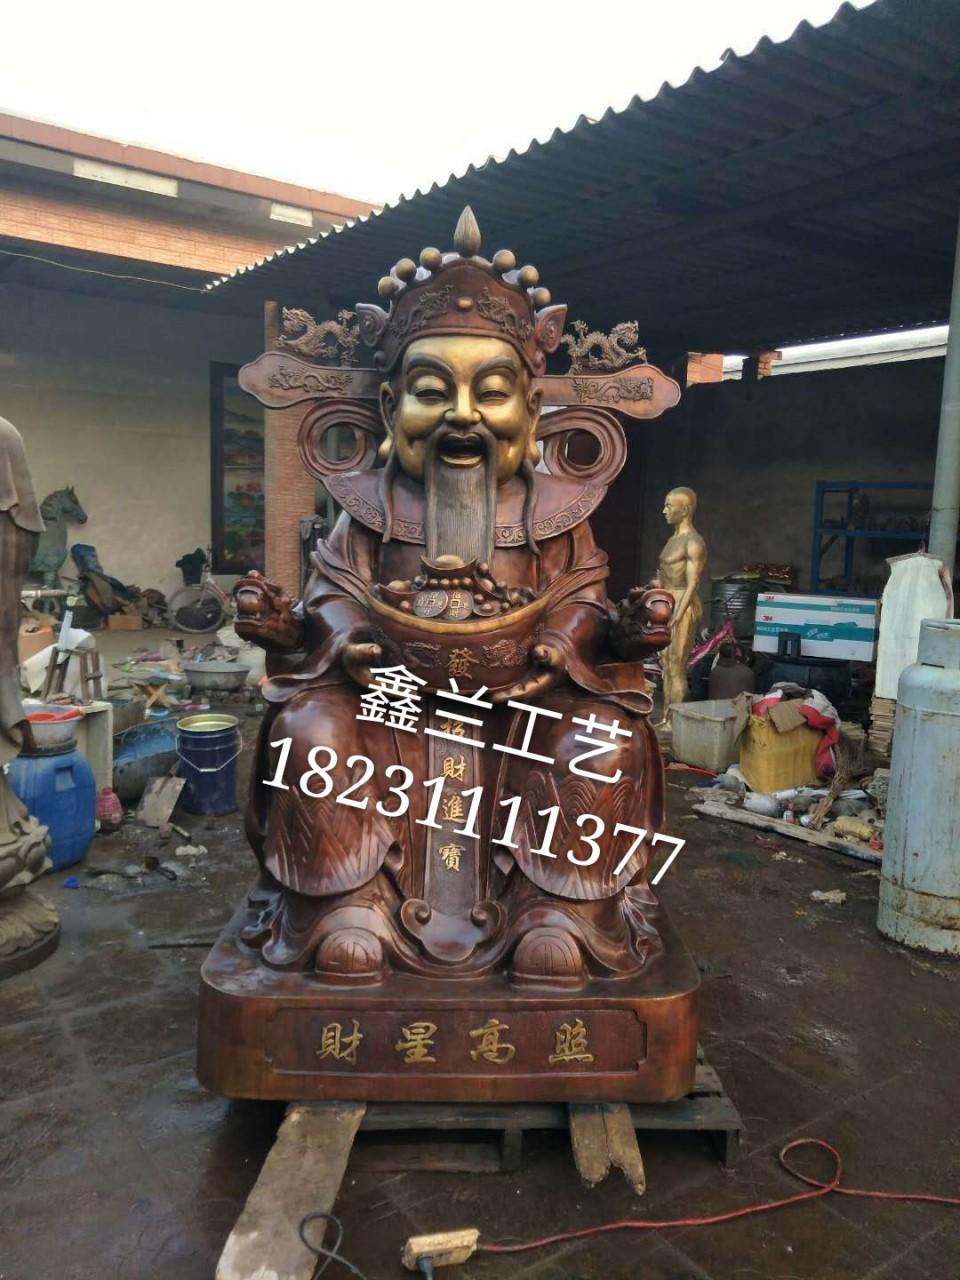 铜铸财神塑像  财神图片大全 财财神爷图片大全玻璃钢财神生产厂